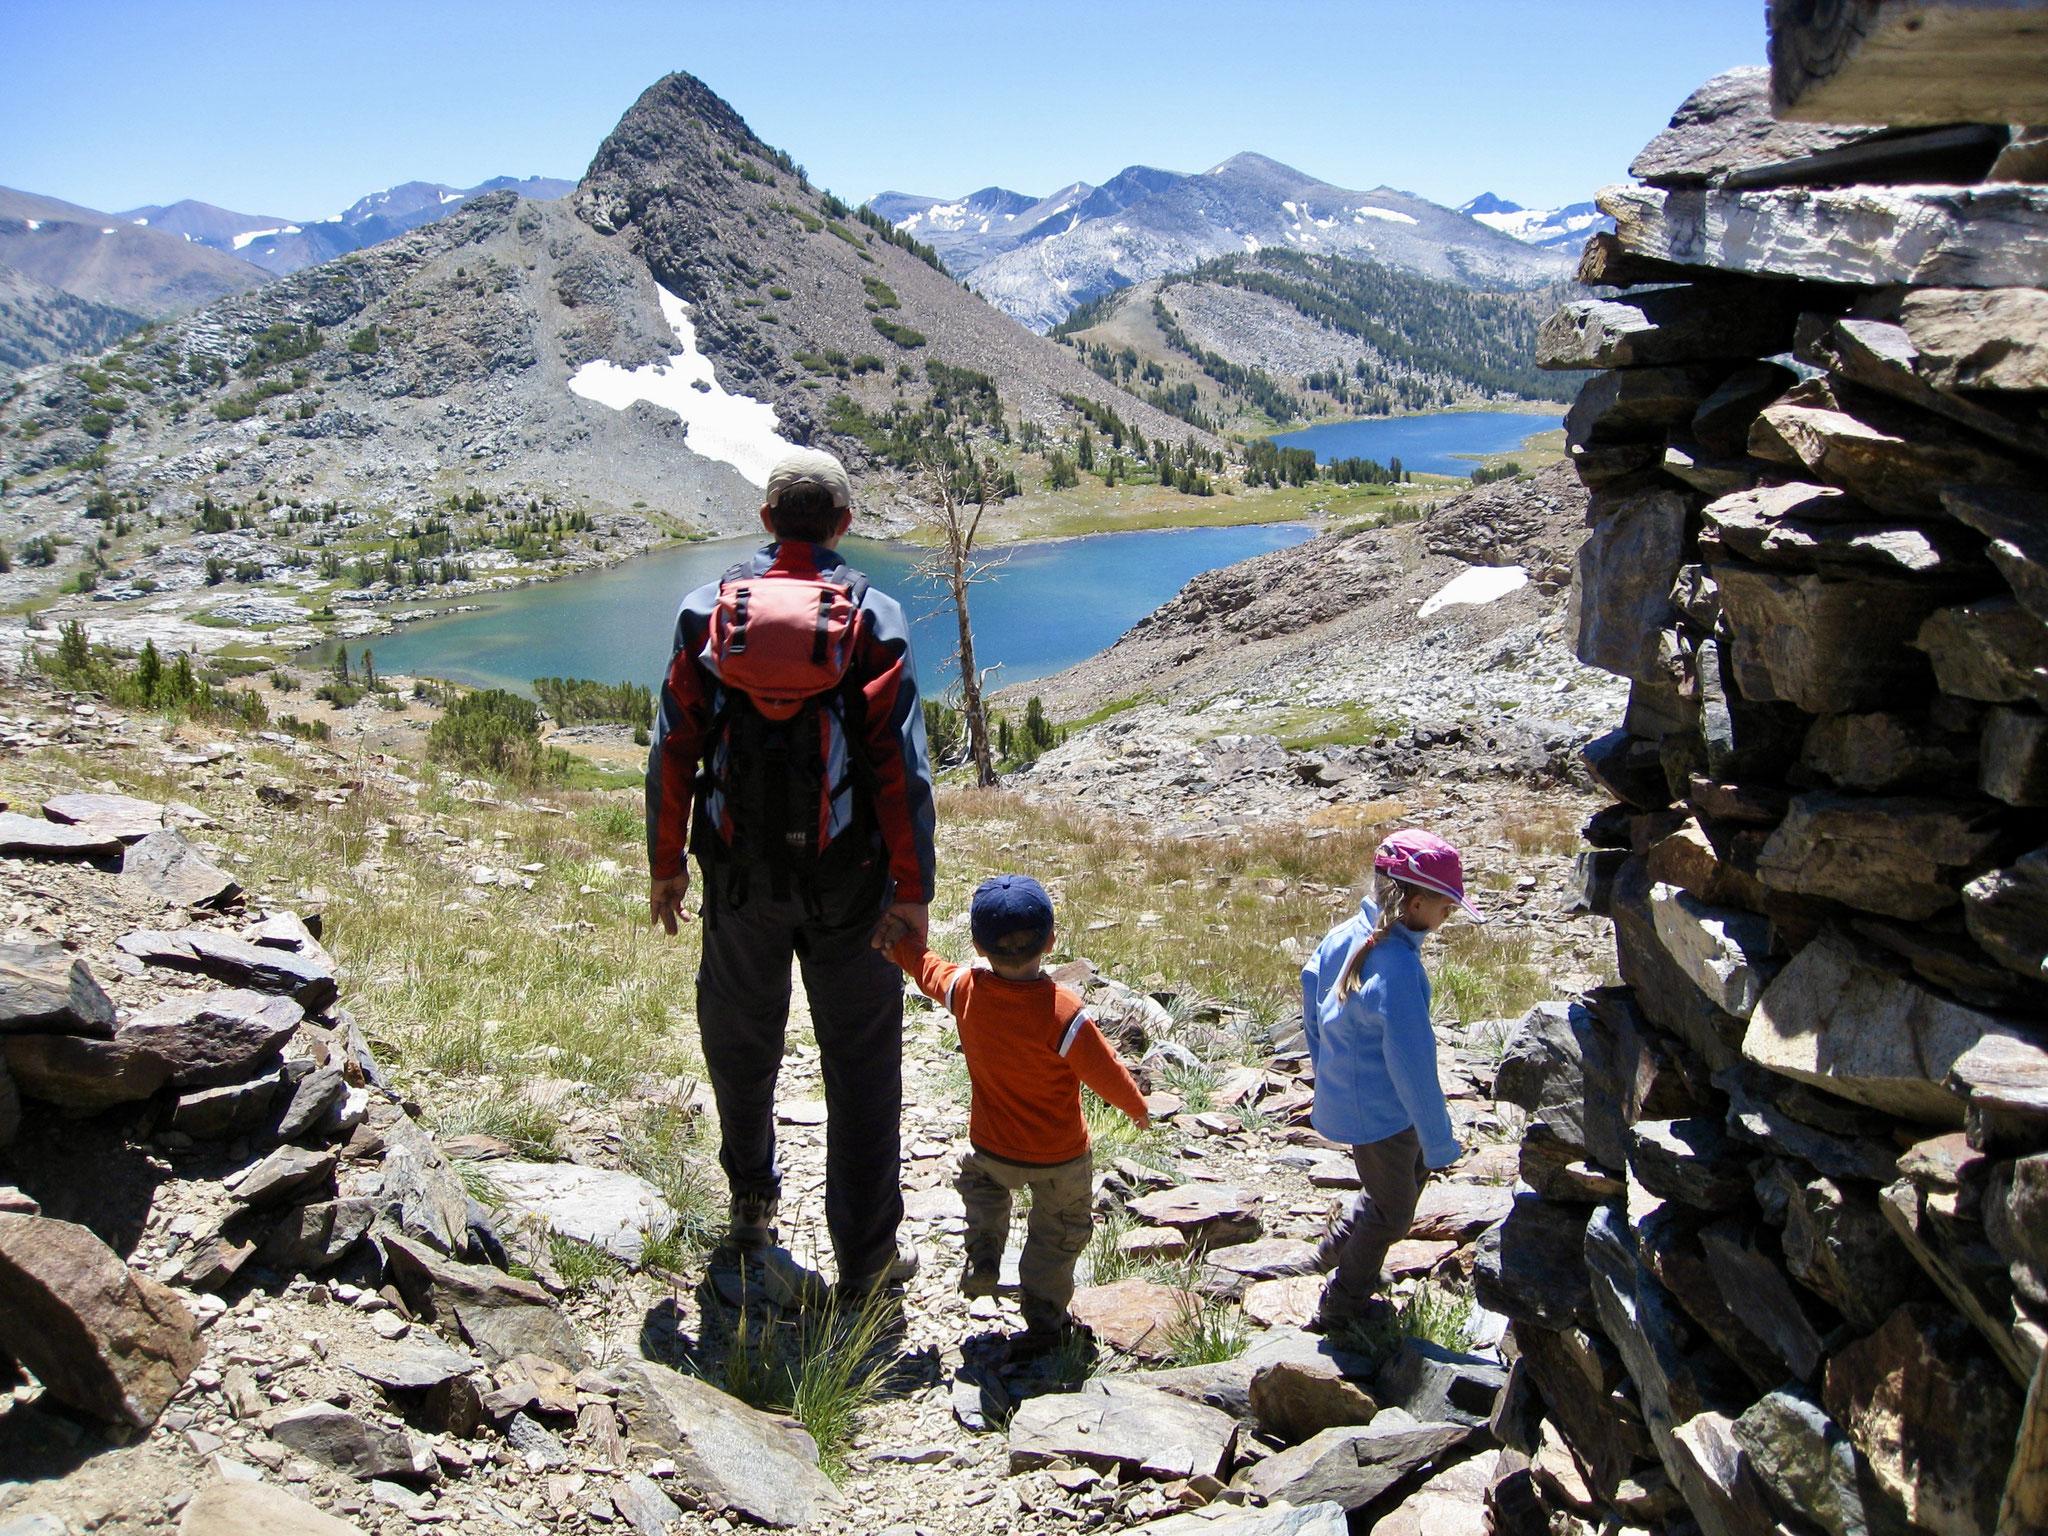 Gaylor Lakes Yosemite National Park